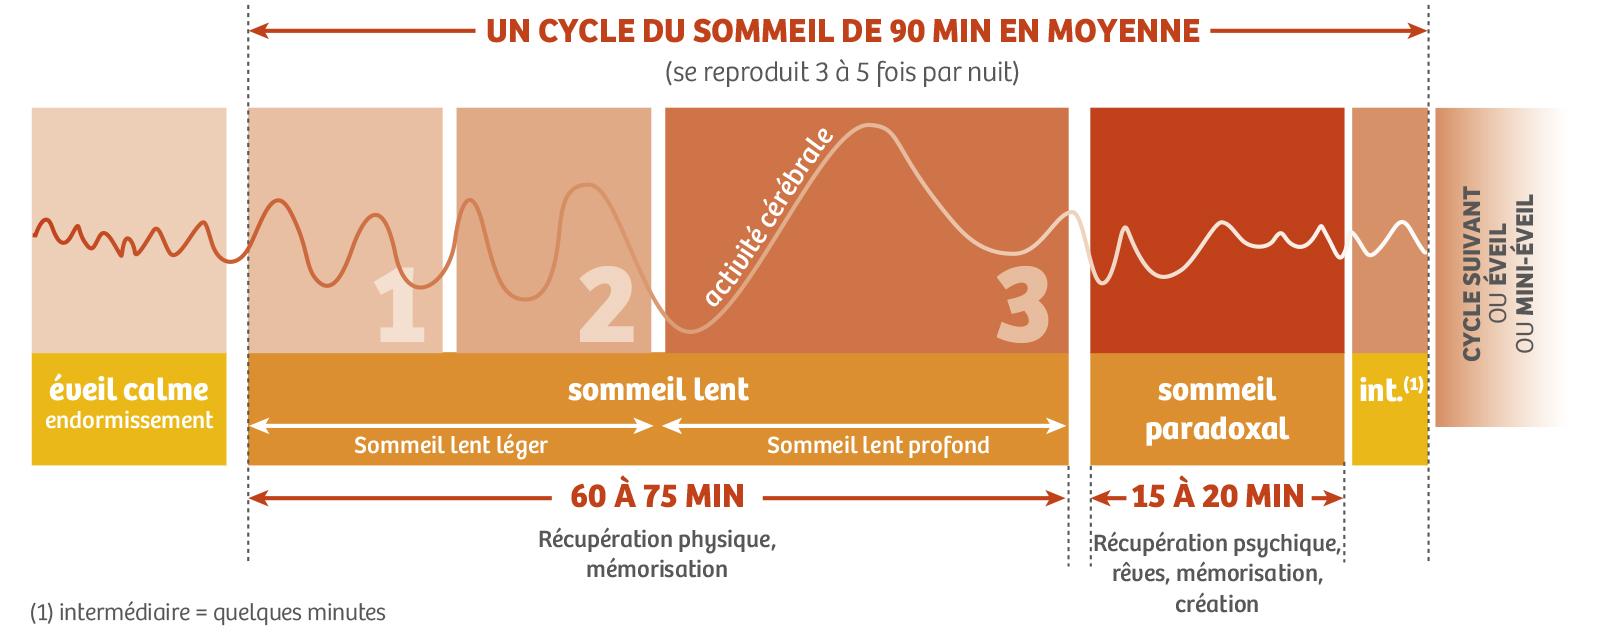 schéma d'un cycle du sommeil